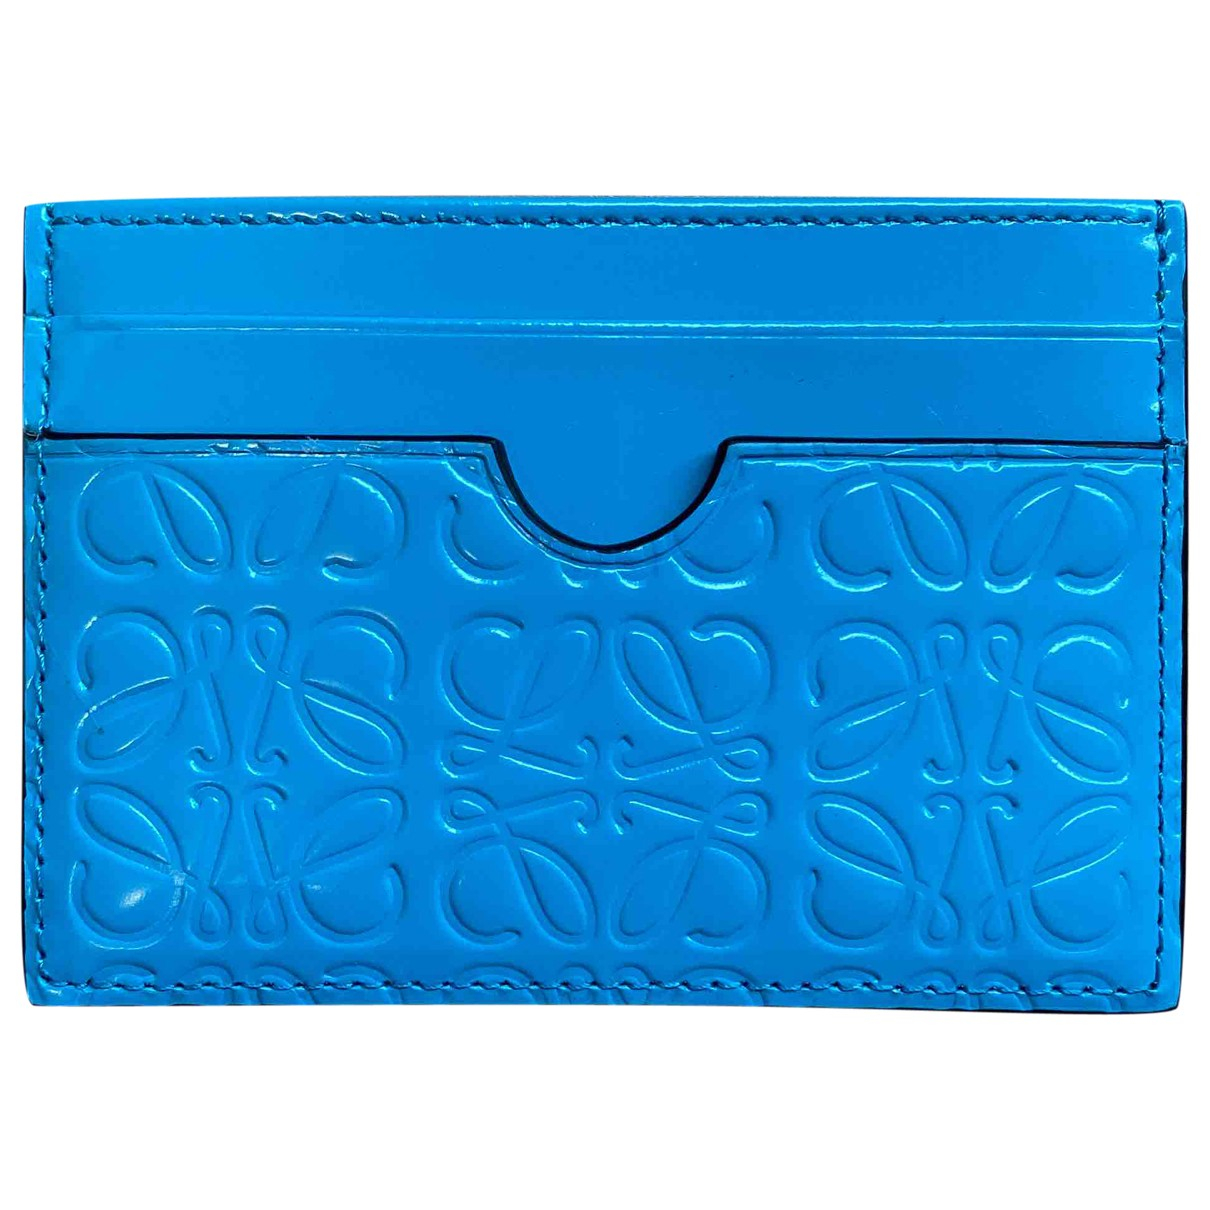 Loewe \N Kleinlederwaren in  Blau Leder